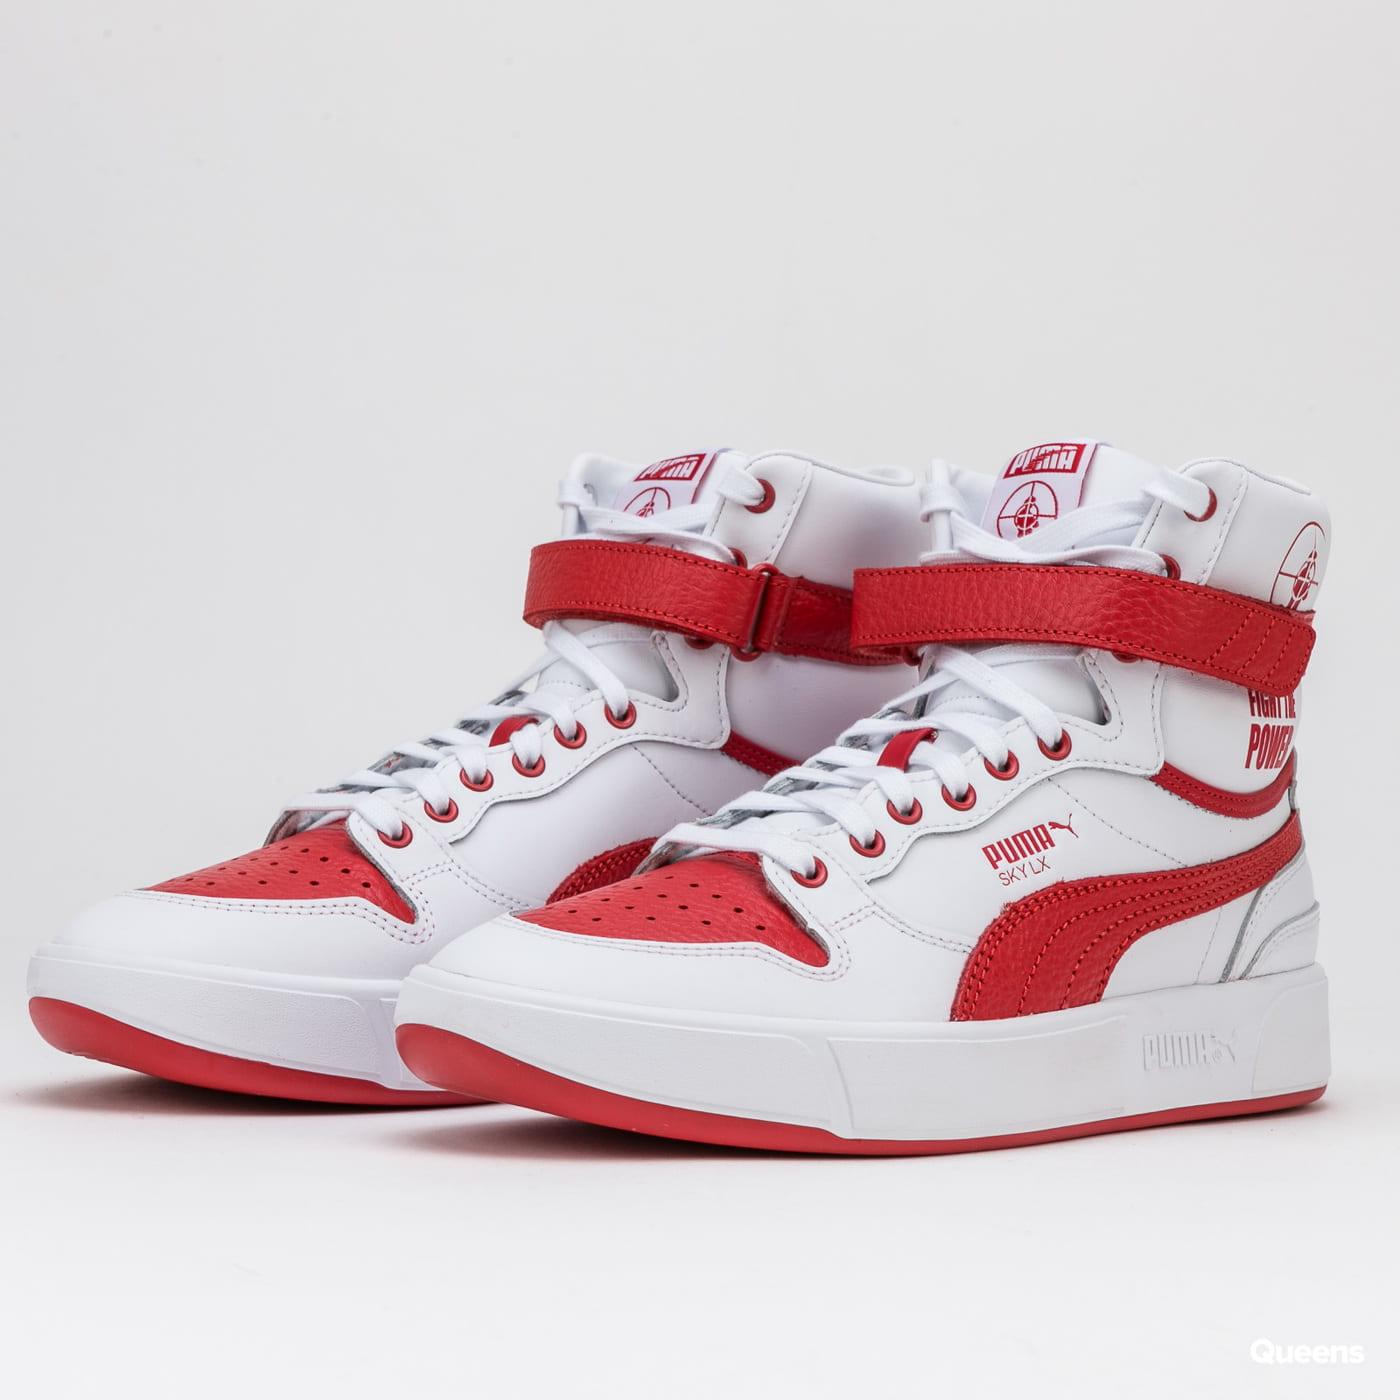 Sneakers Puma Sky LX Public Enemy